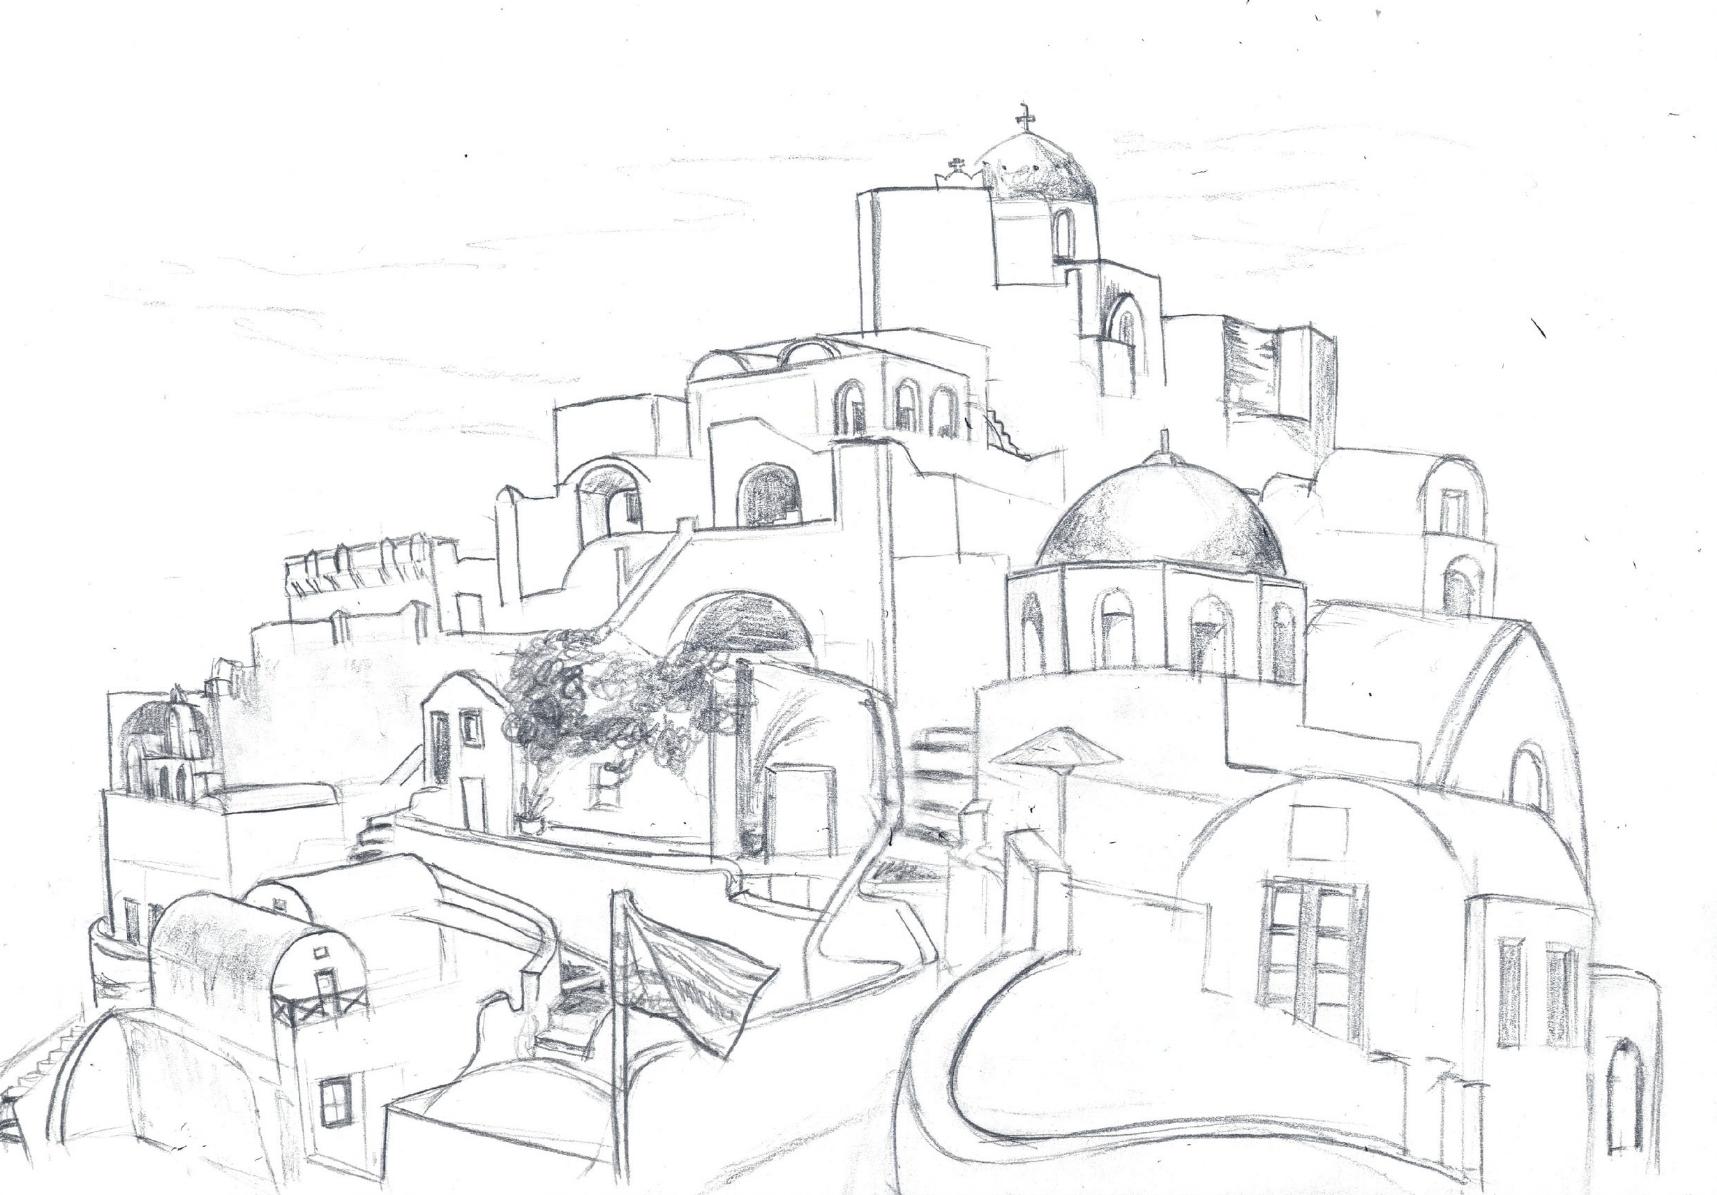 santorini cityscape v2.jpg